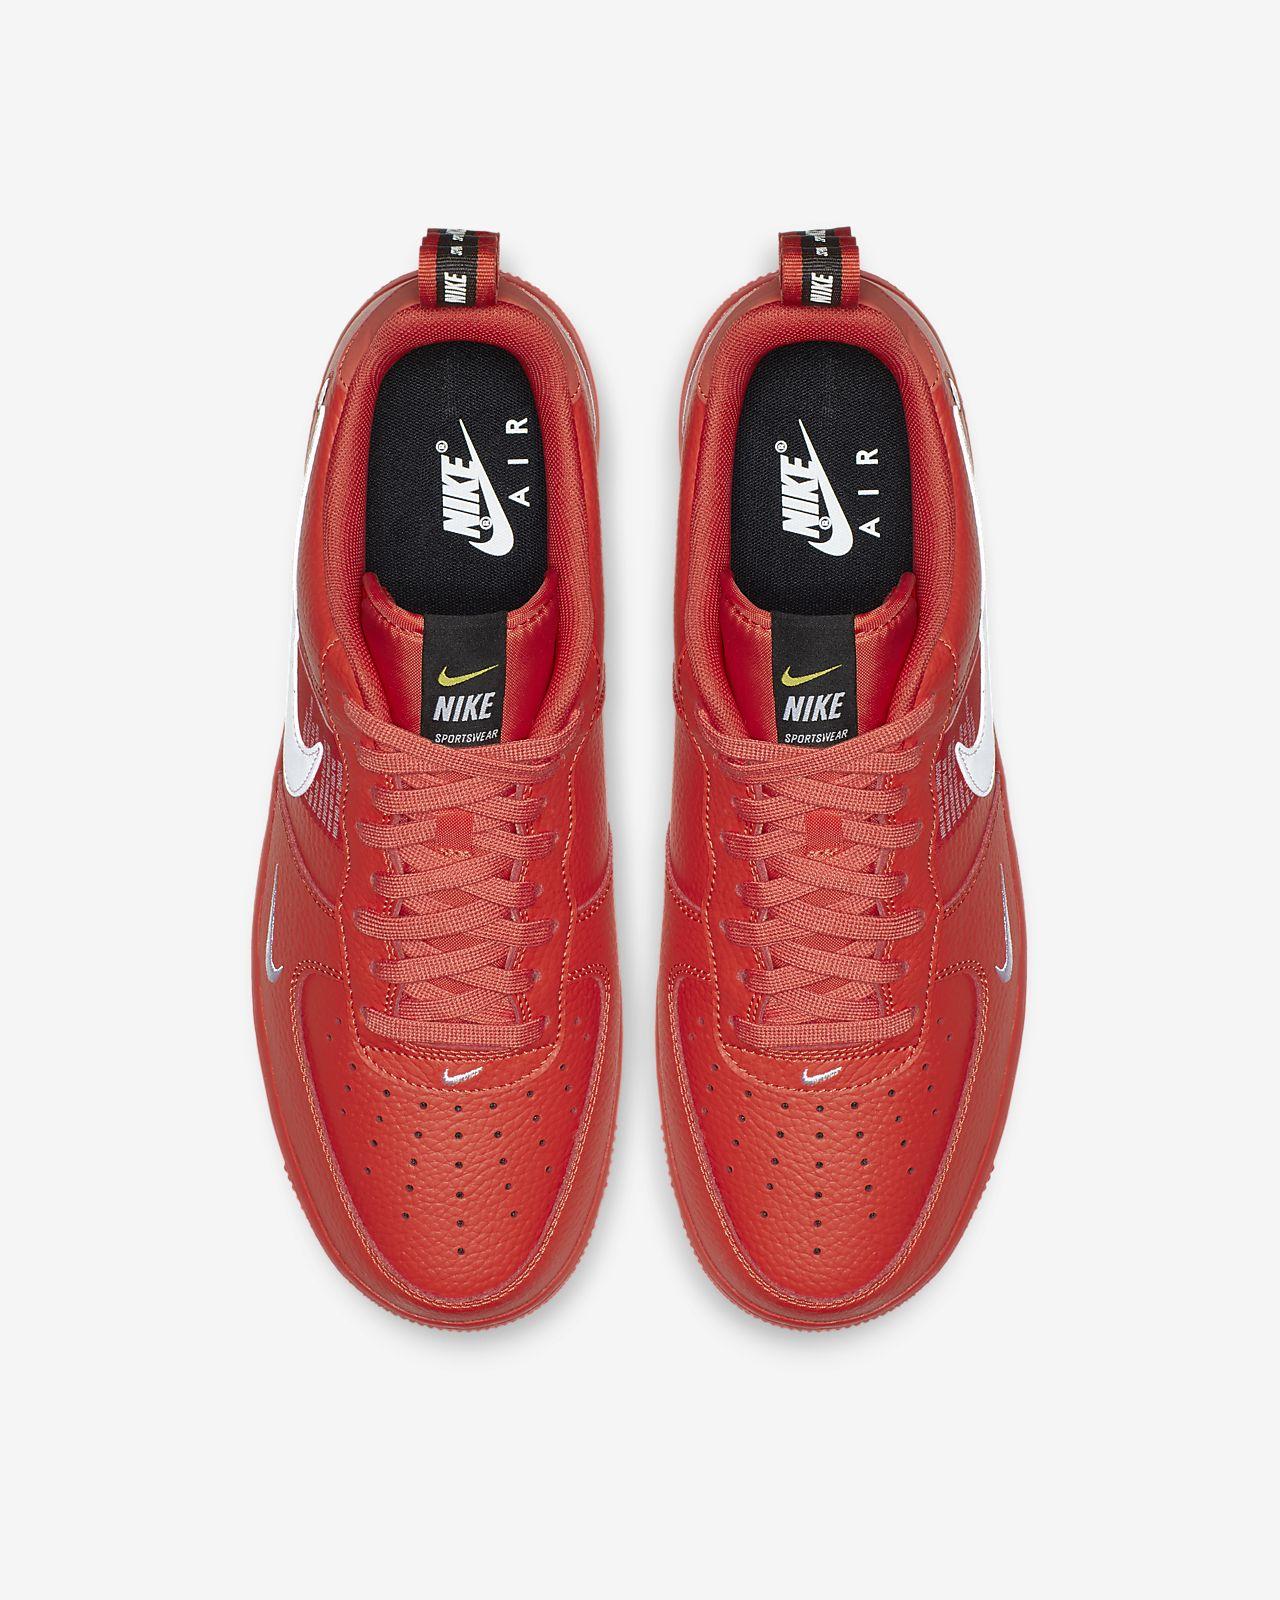 3b669bd95151b Calzado para hombre Nike Air Force 1  07 LV8 Utility. Nike.com MX